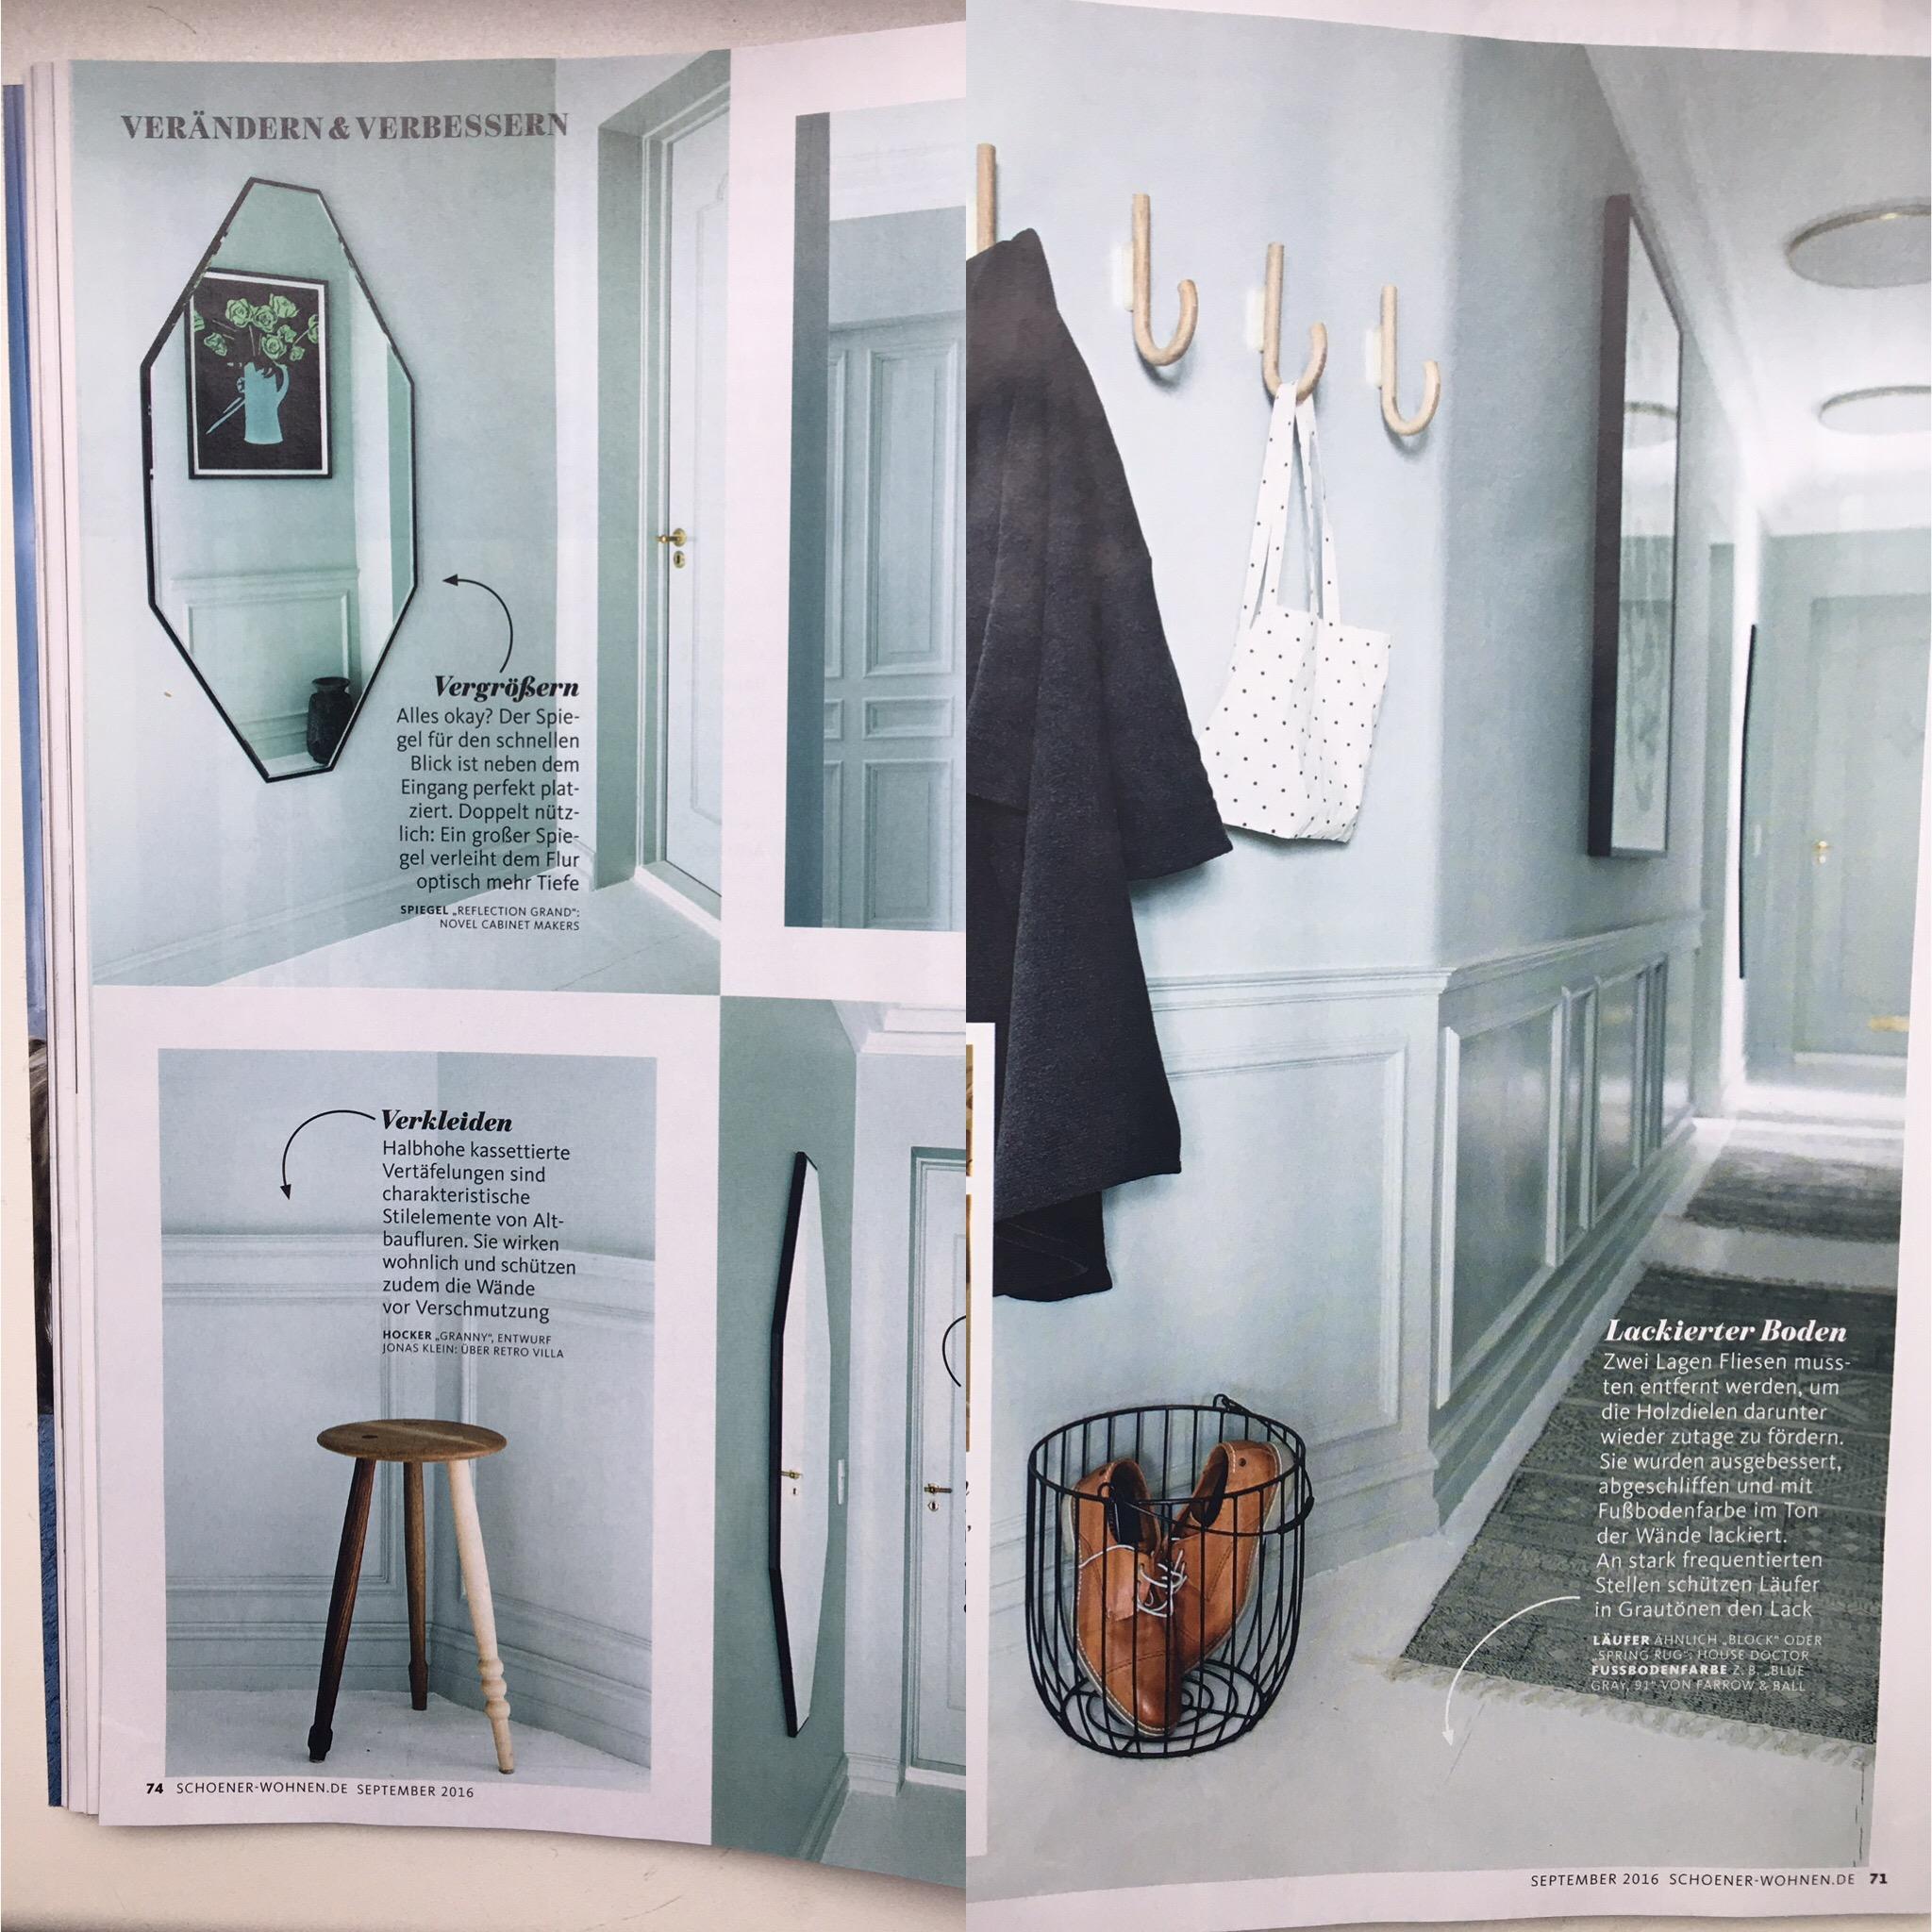 11 gedanken die du beim lesen der sch ner wohnen hast. Black Bedroom Furniture Sets. Home Design Ideas